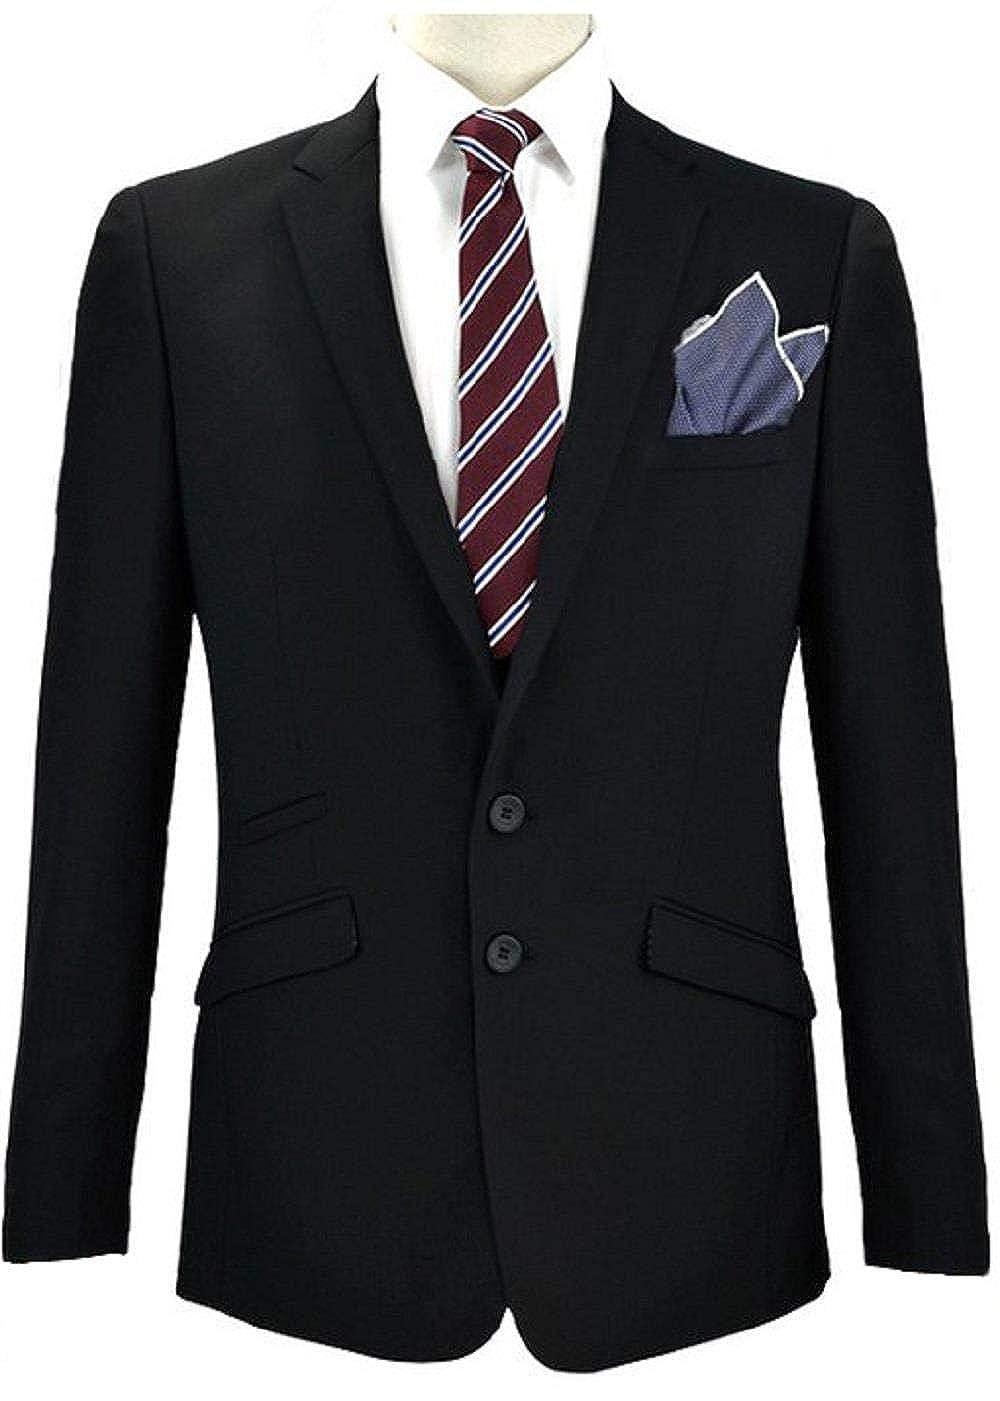 Voeut Mens Formal Plain Black Regular Fit Suit